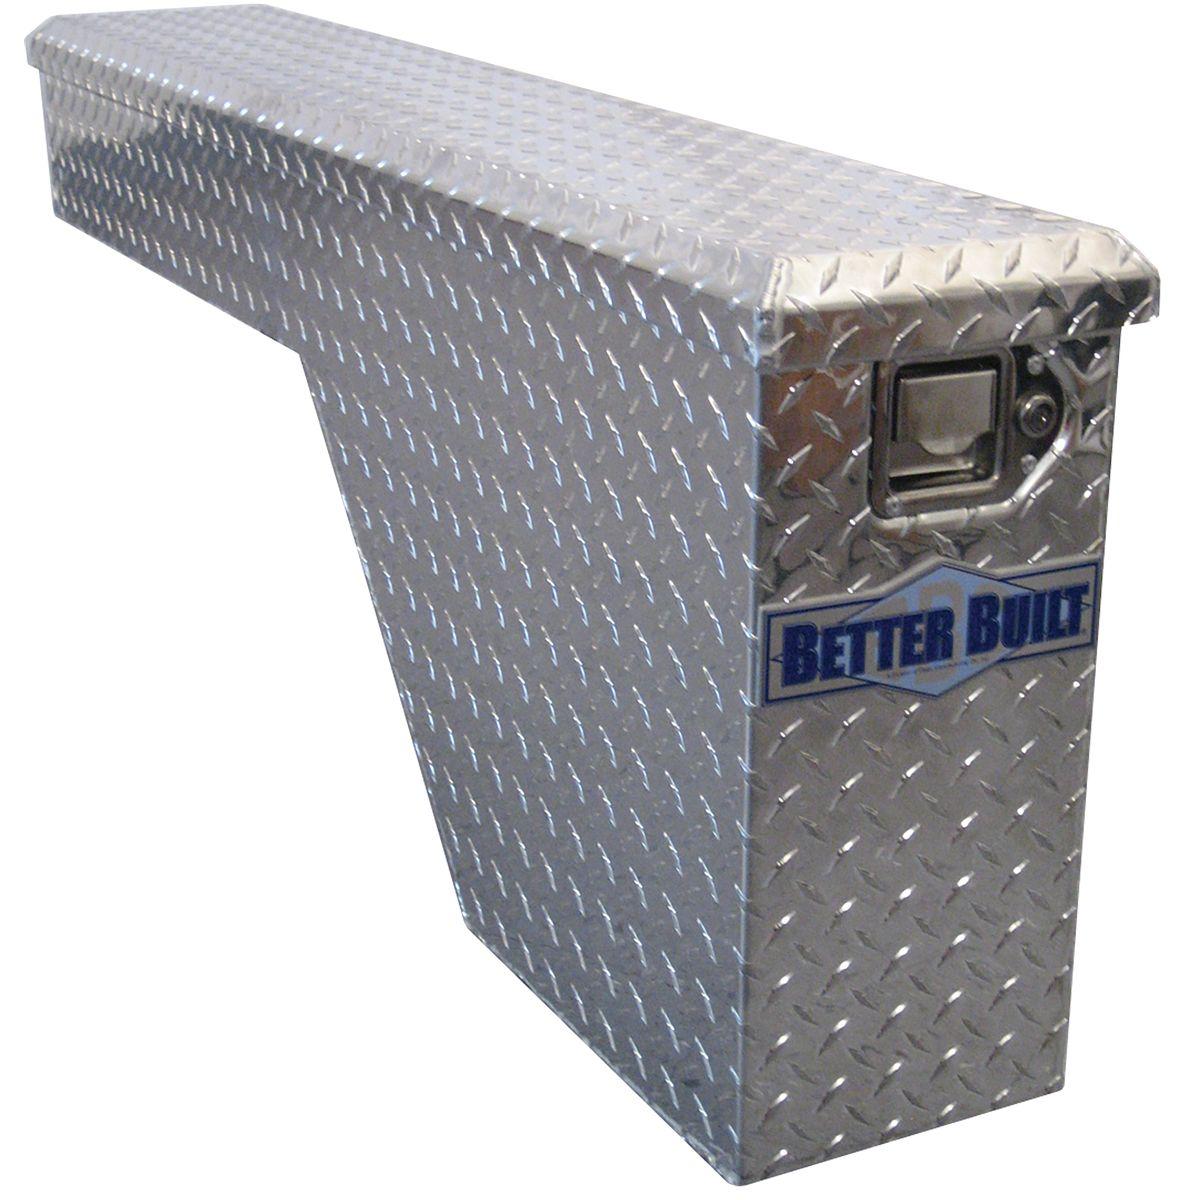 Better Built 68012345 Wheel Well Box